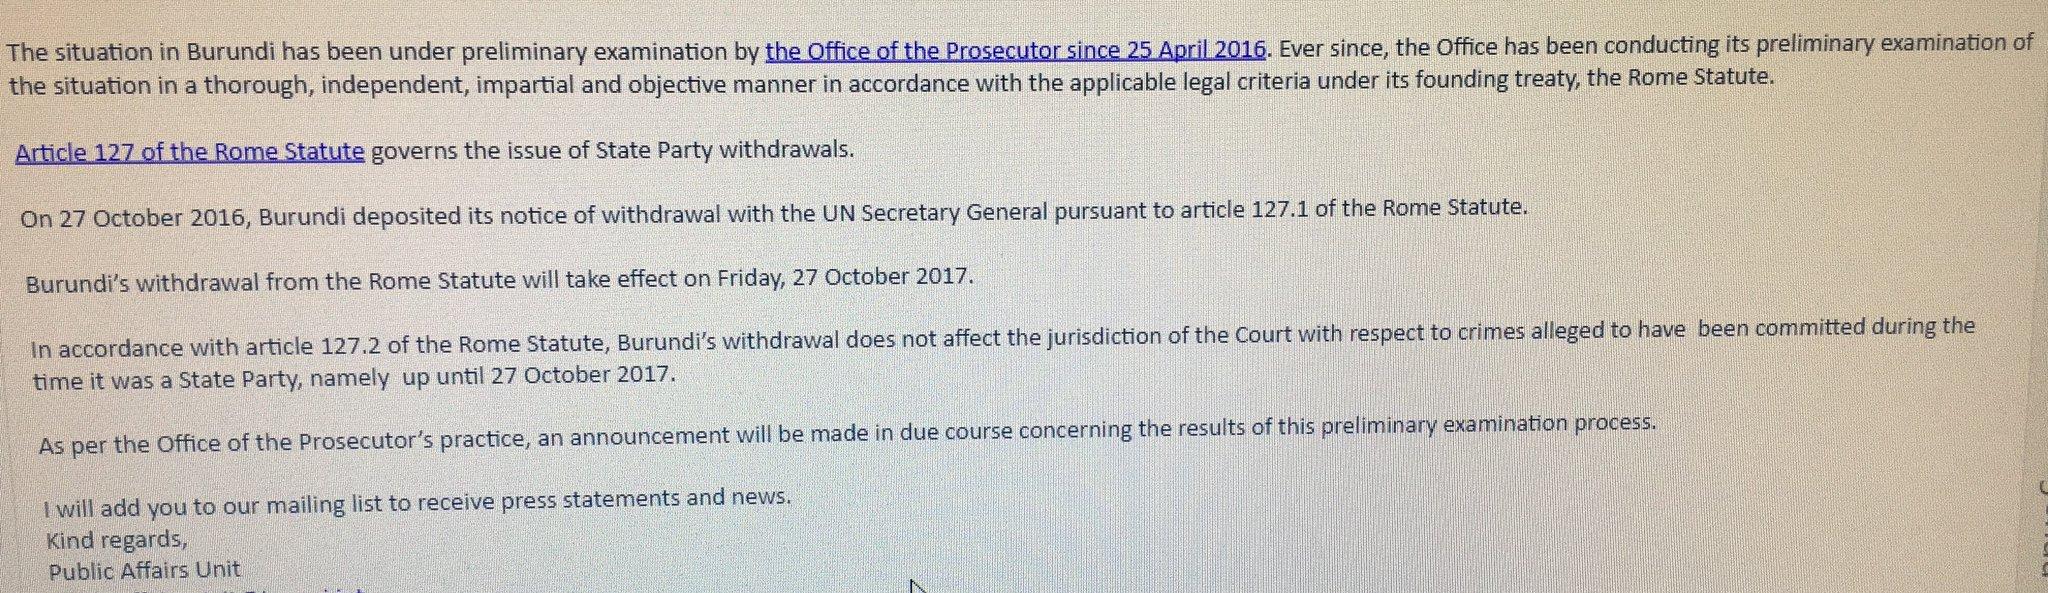 ICC reaction to burundi